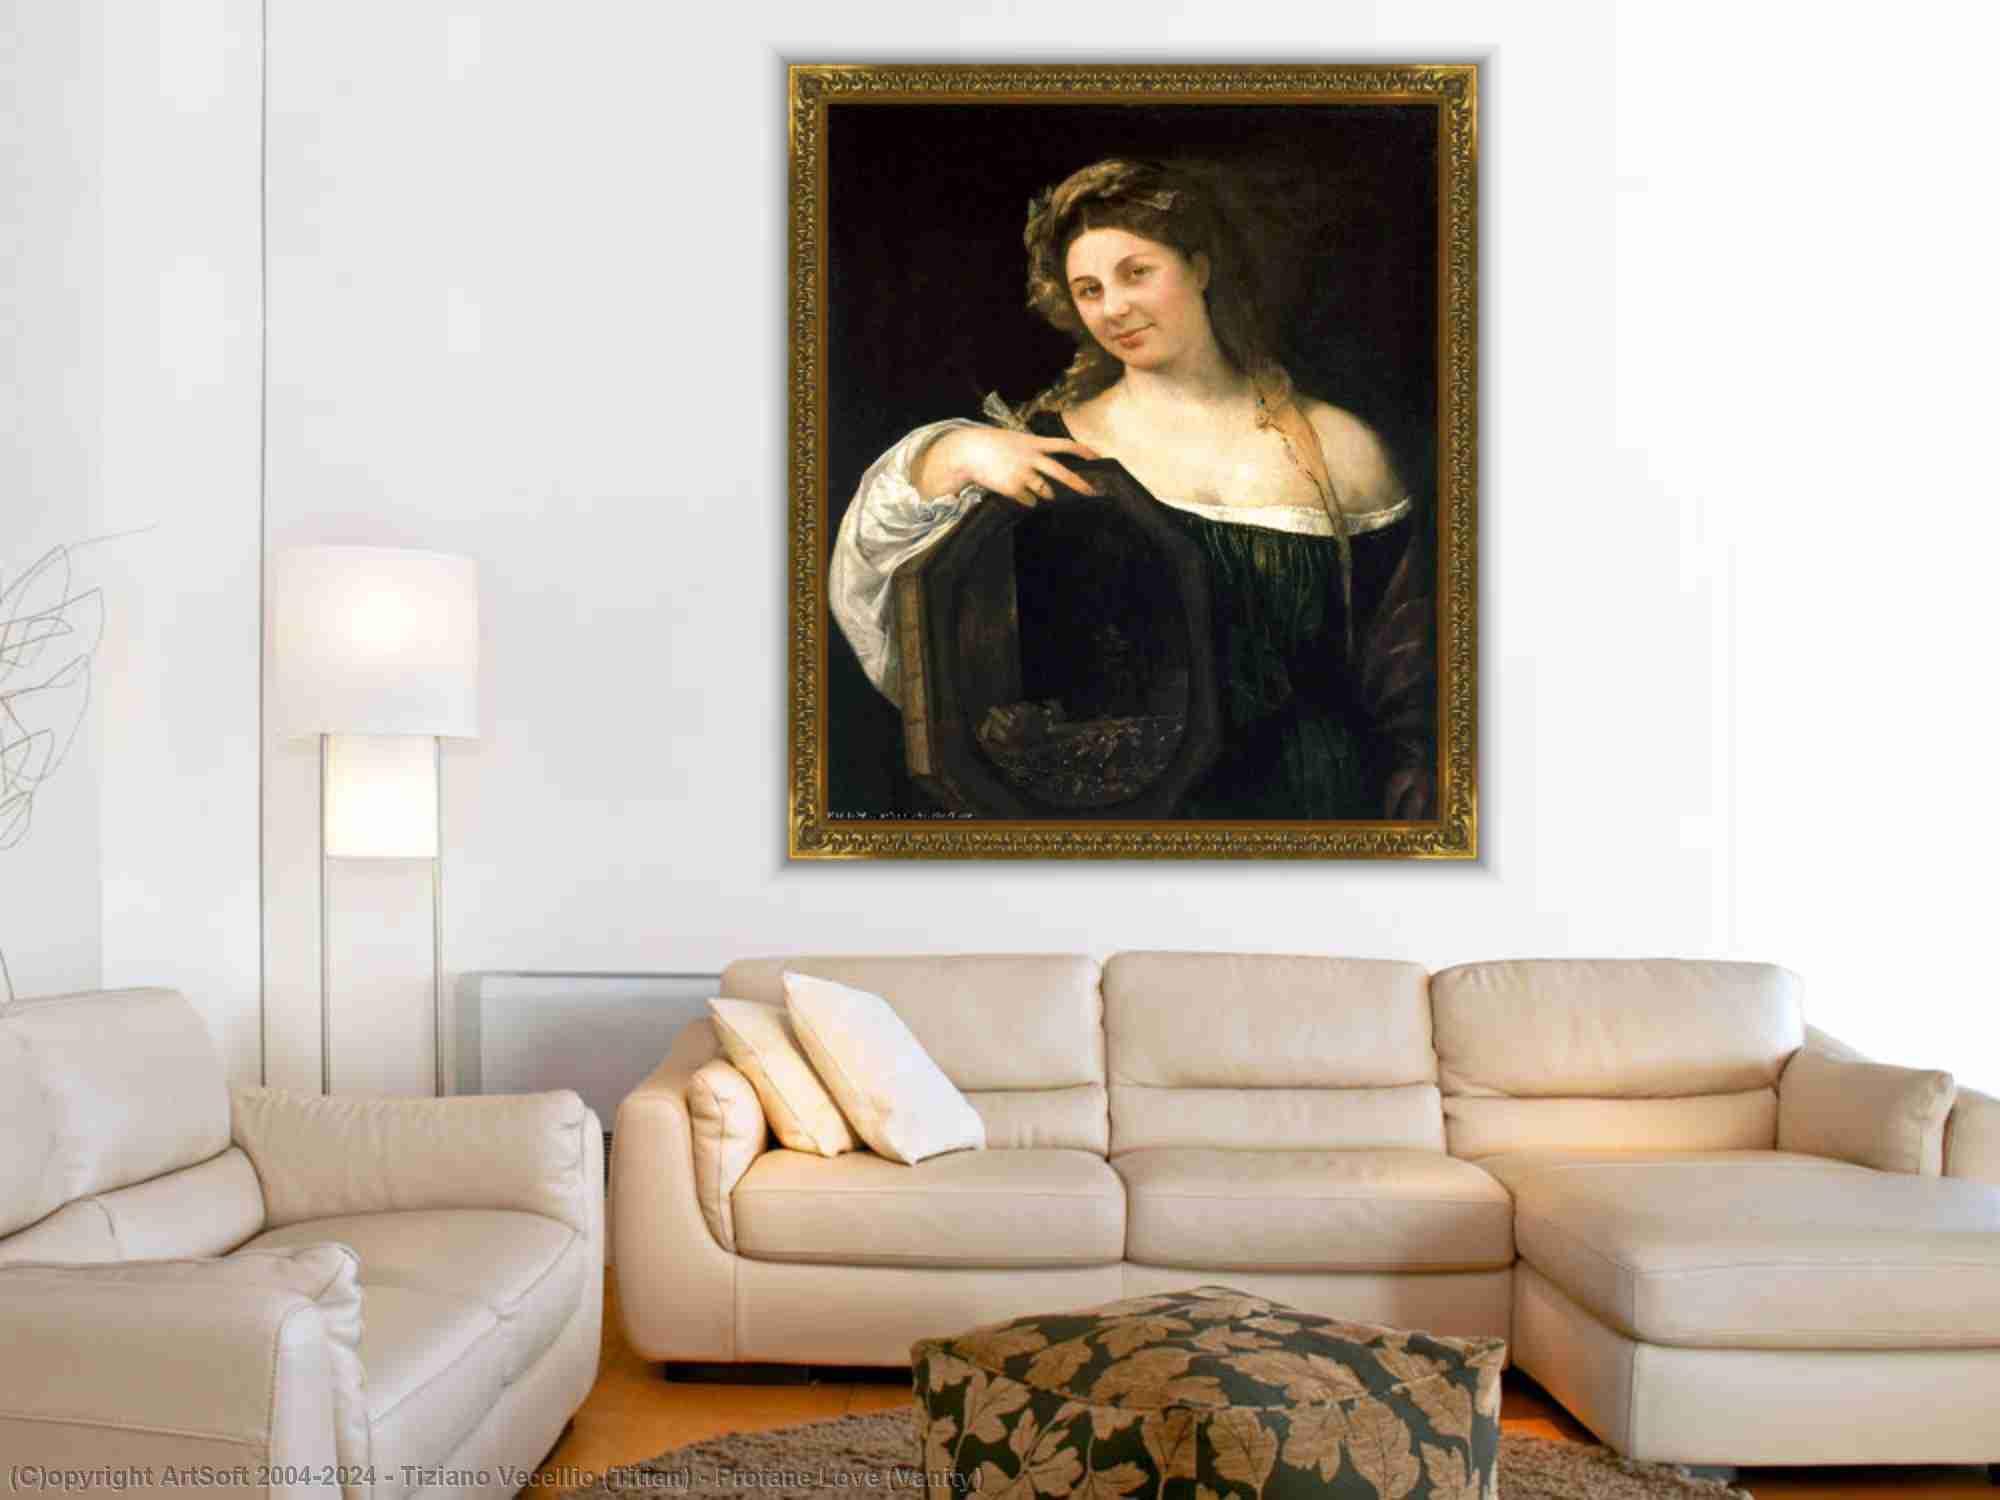 Tiziano Vecellio (Titian) - Irdische Liebe Einbildung